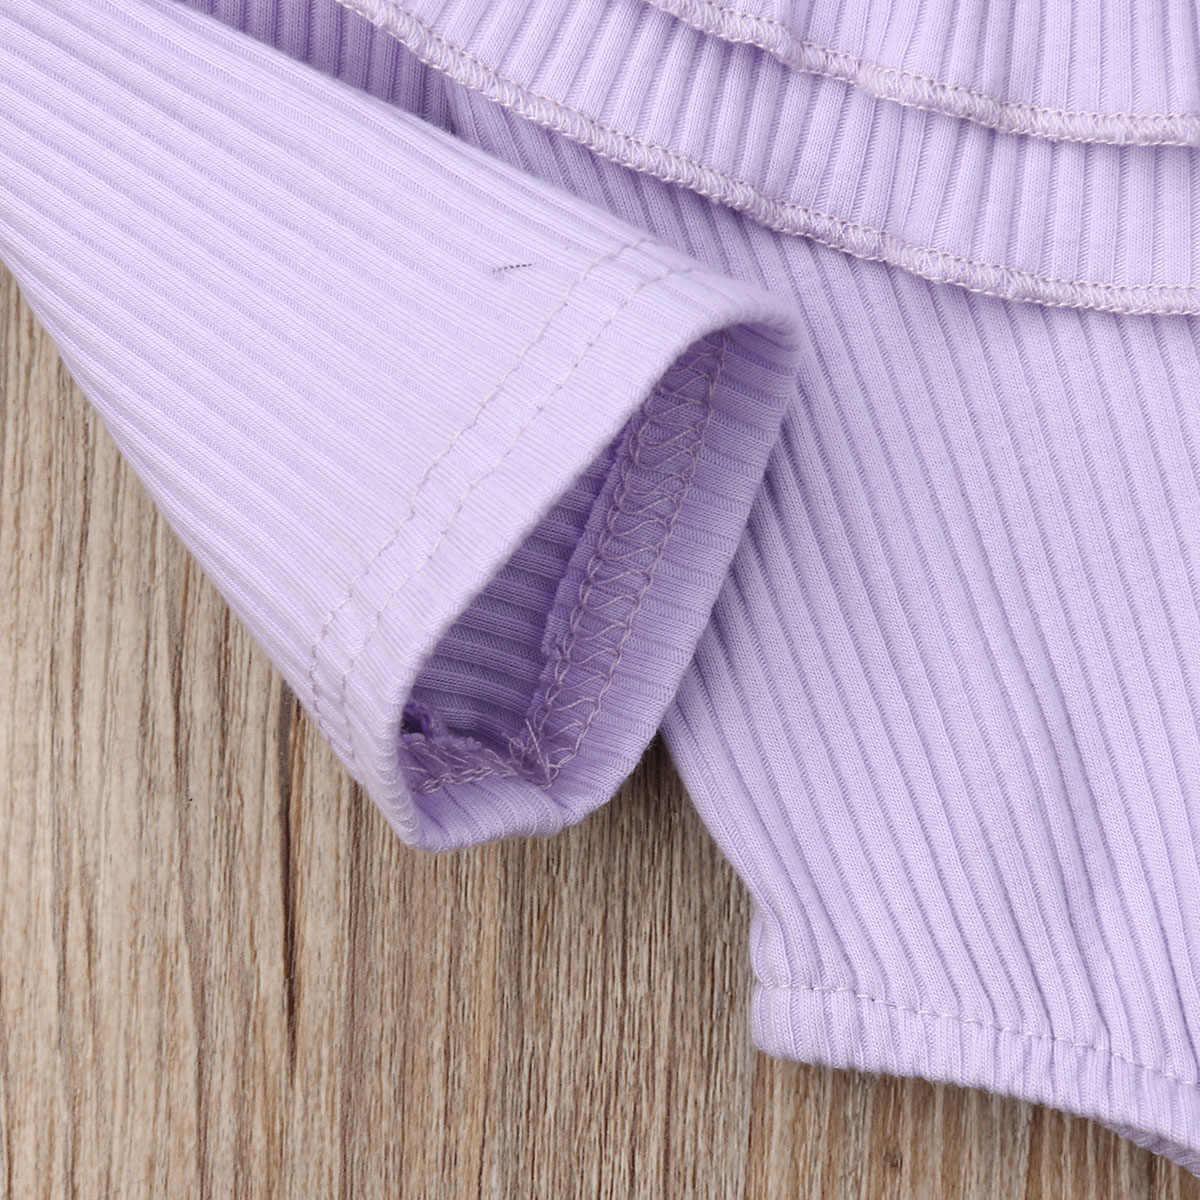 Новый летний комбинезон с оборками и длинными рукавами для маленьких девочек, 7 цветов, одежда для детей 0-24 месяцев